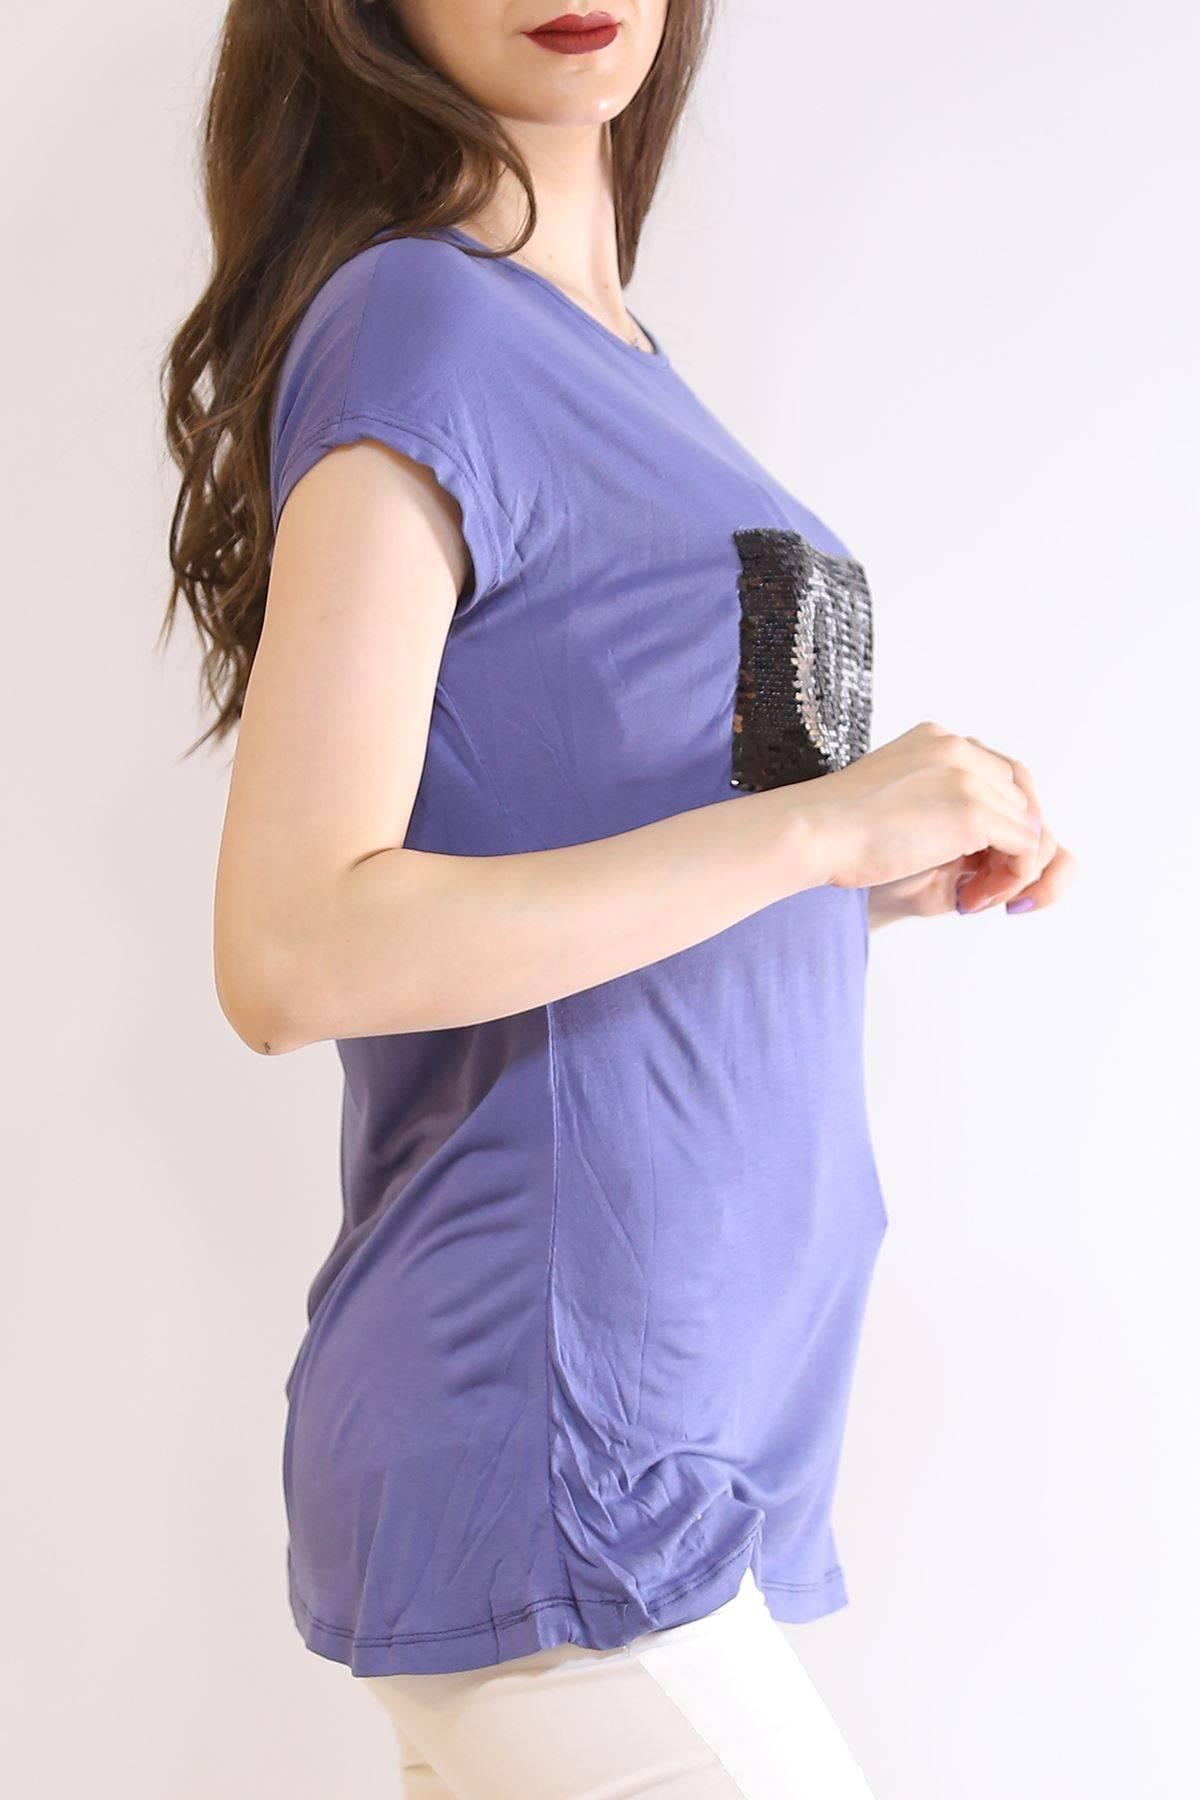 Yarasa Kol Pullu Tişört İndigo - 5955.599.